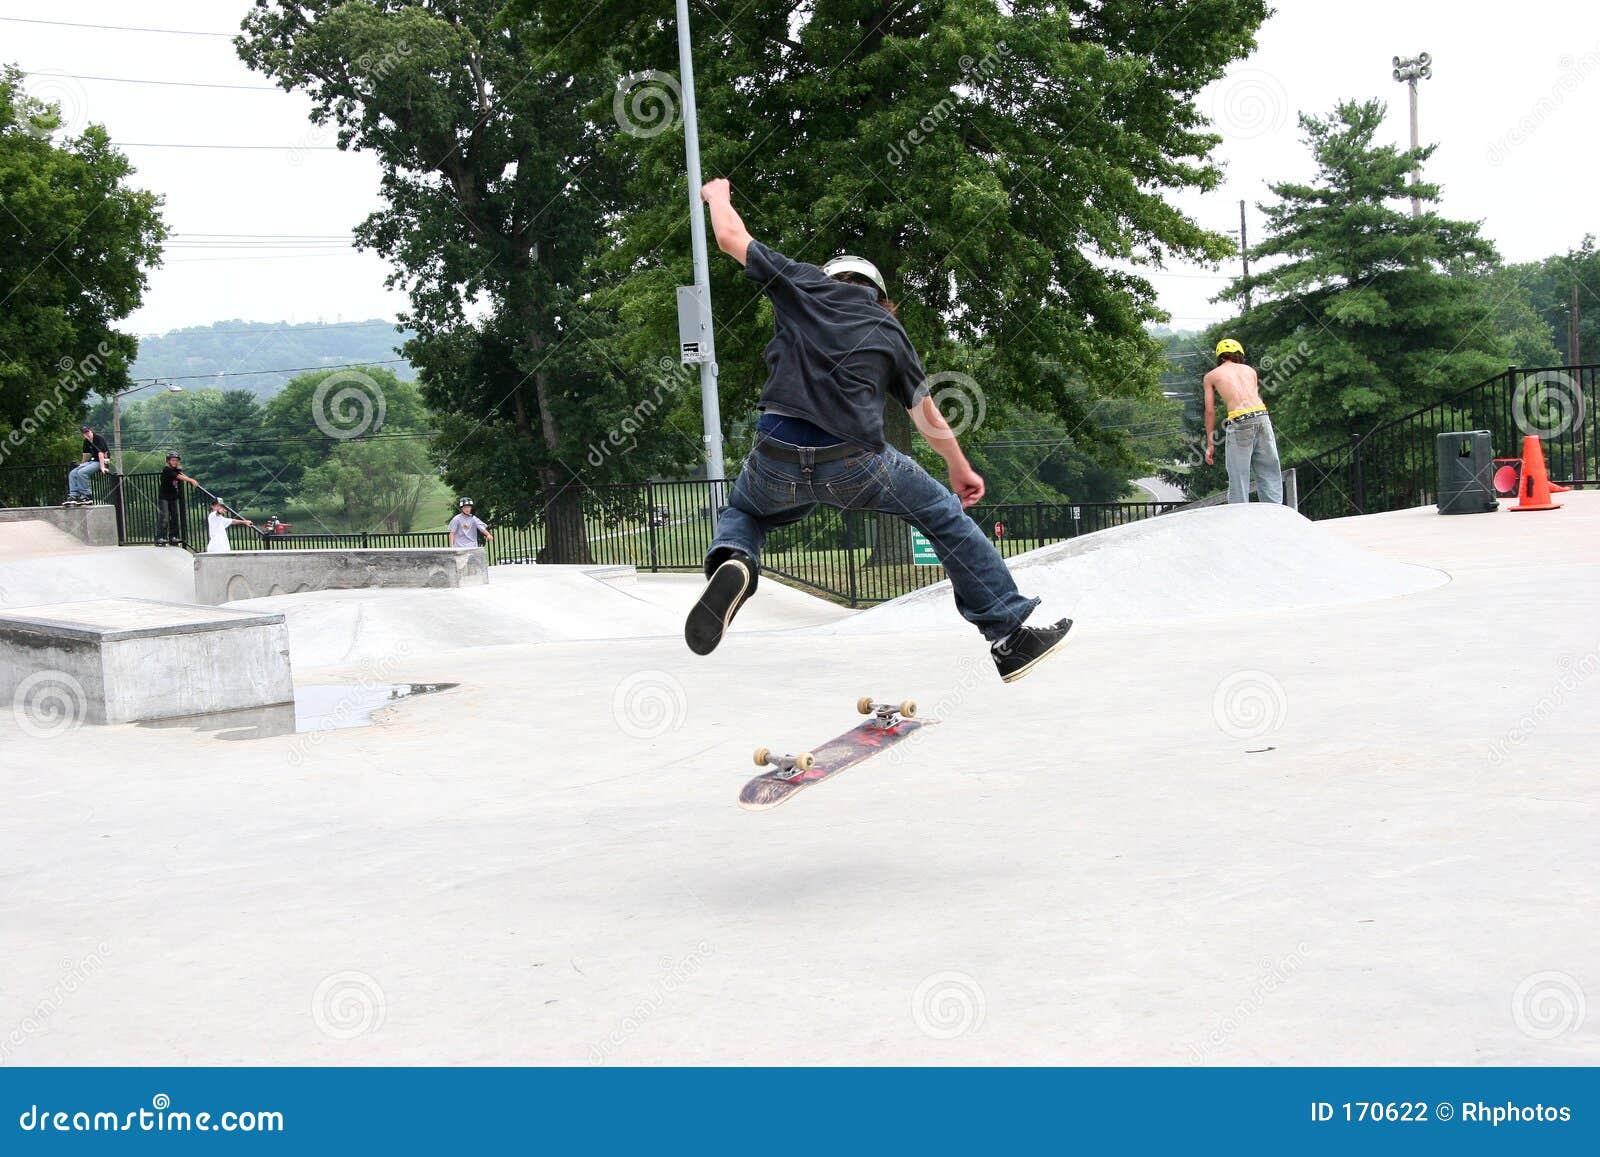 Skateboarder 360 Flip